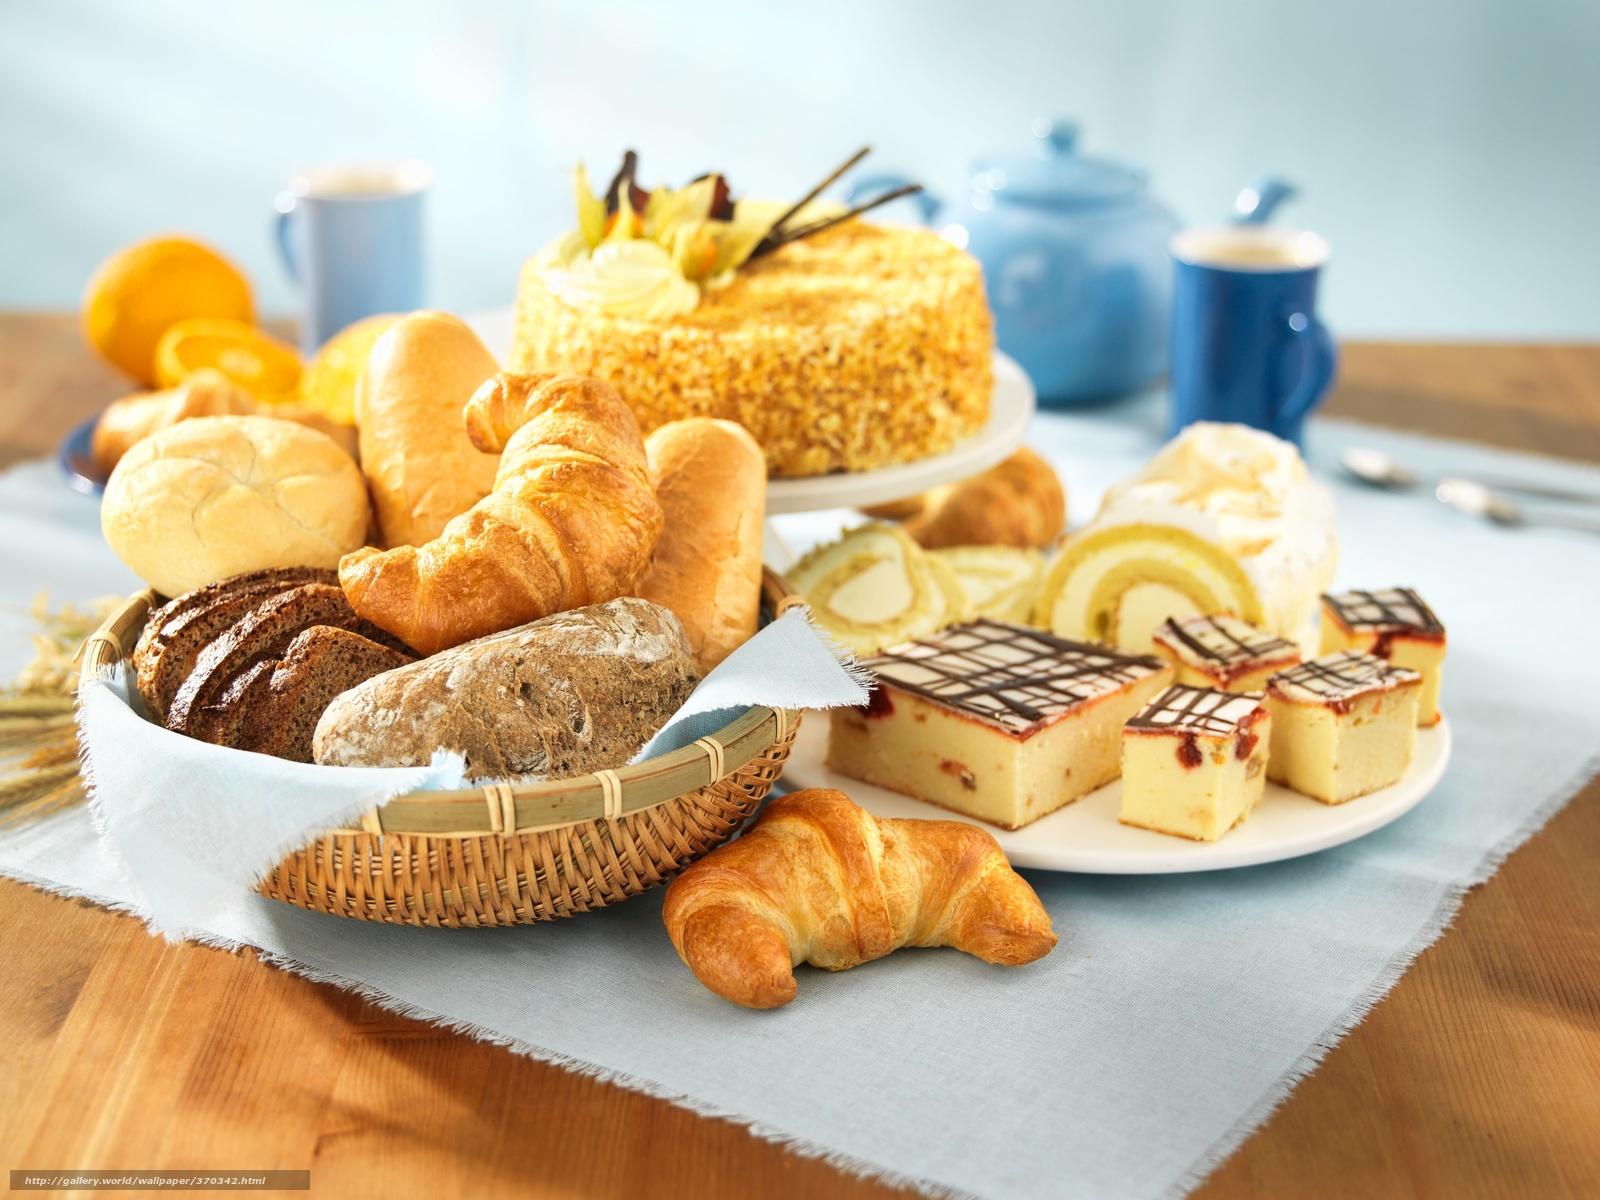 Скачать обои выпечка,  торт,  хлеб бесплатно для рабочего стола в разрешении 5440x4080 — картинка №370342